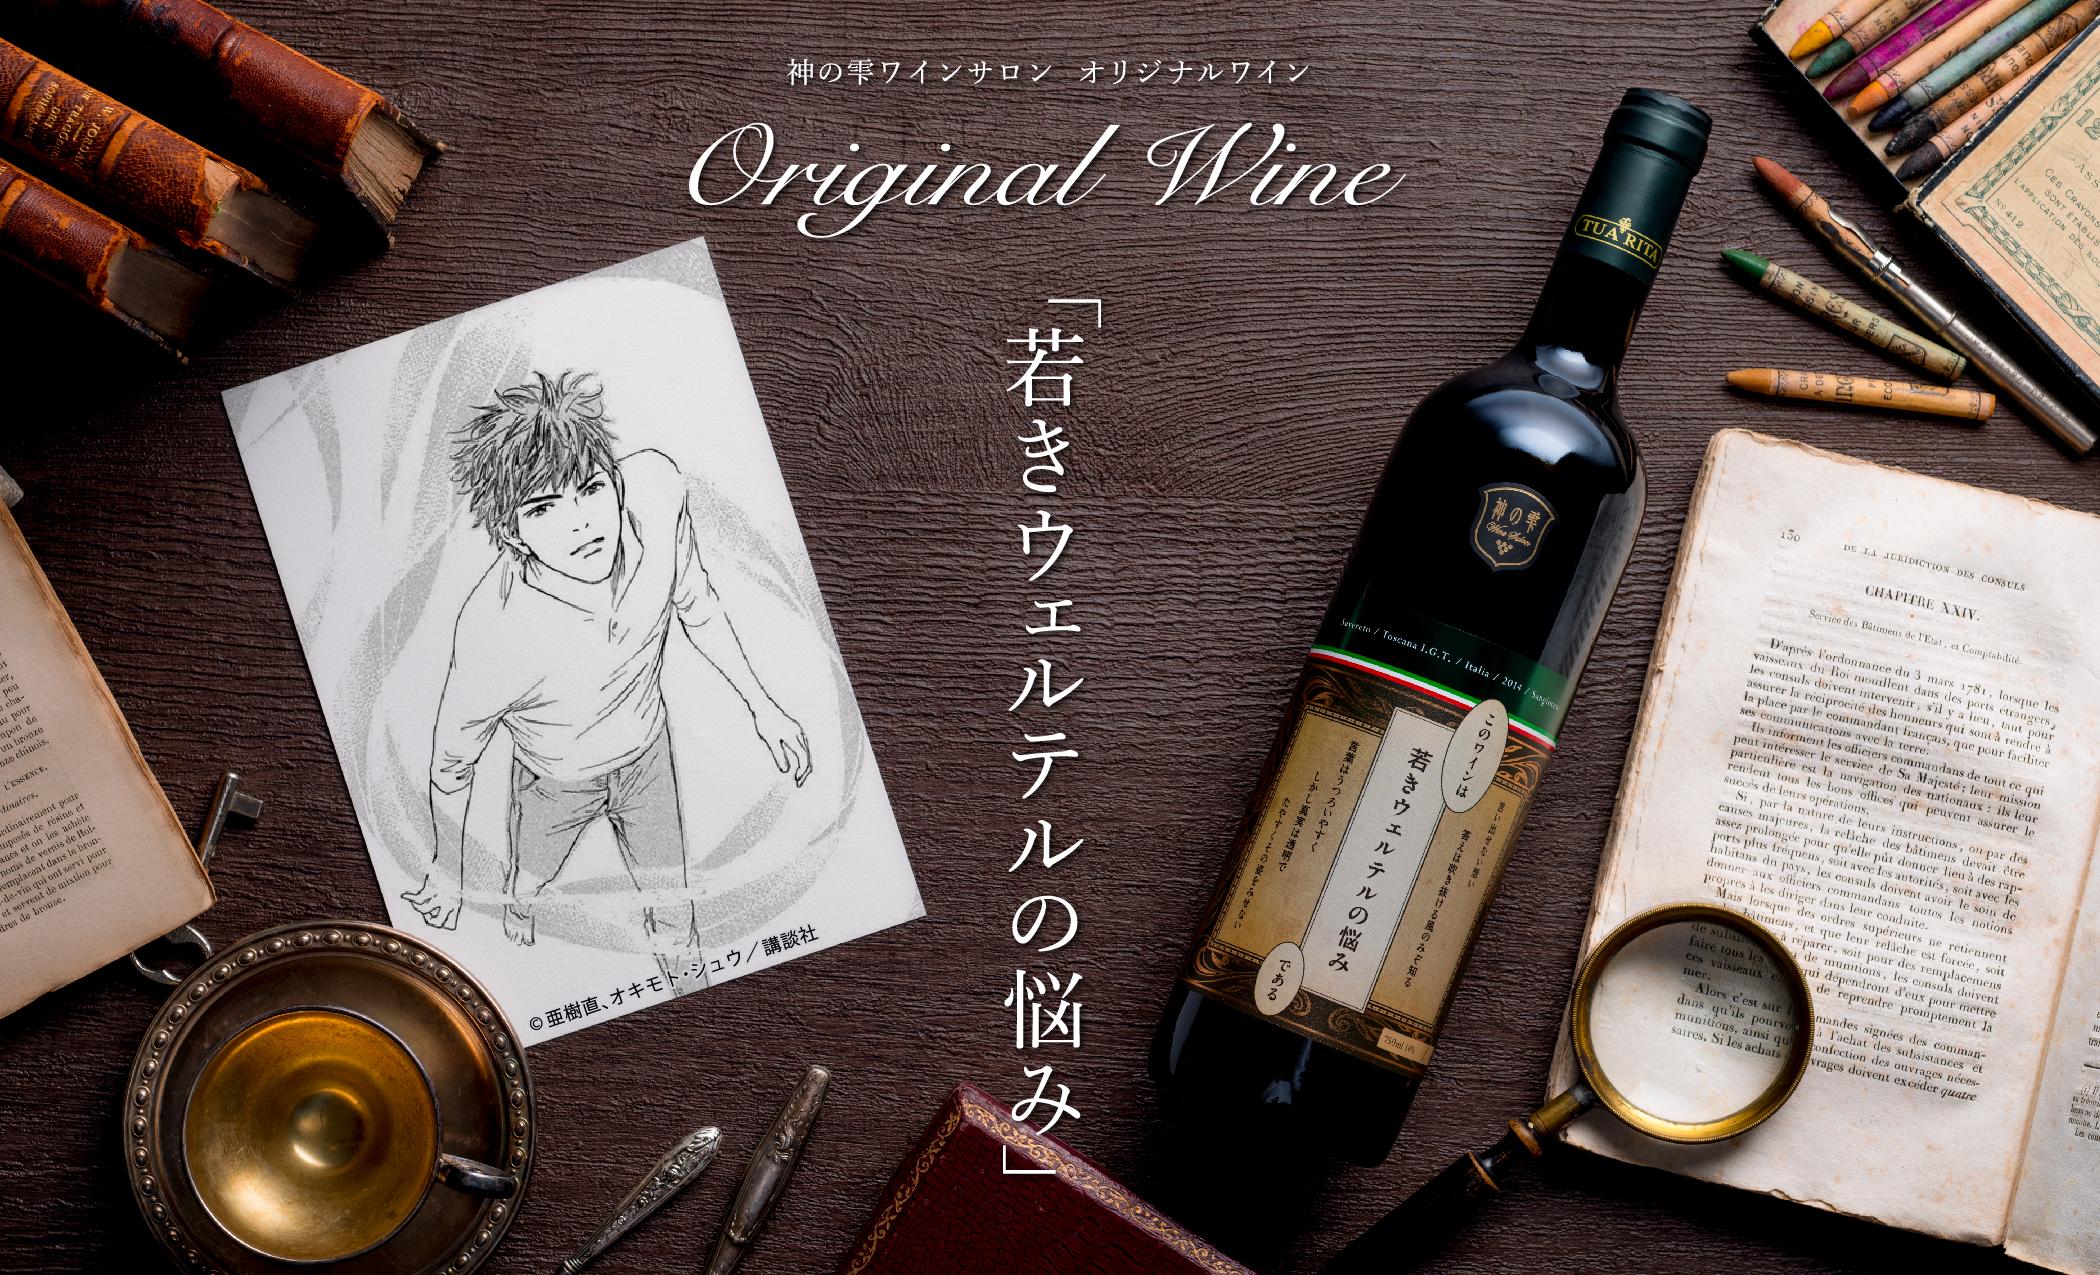 若きウェルテルの悩み|神の雫|オリジナルワイン